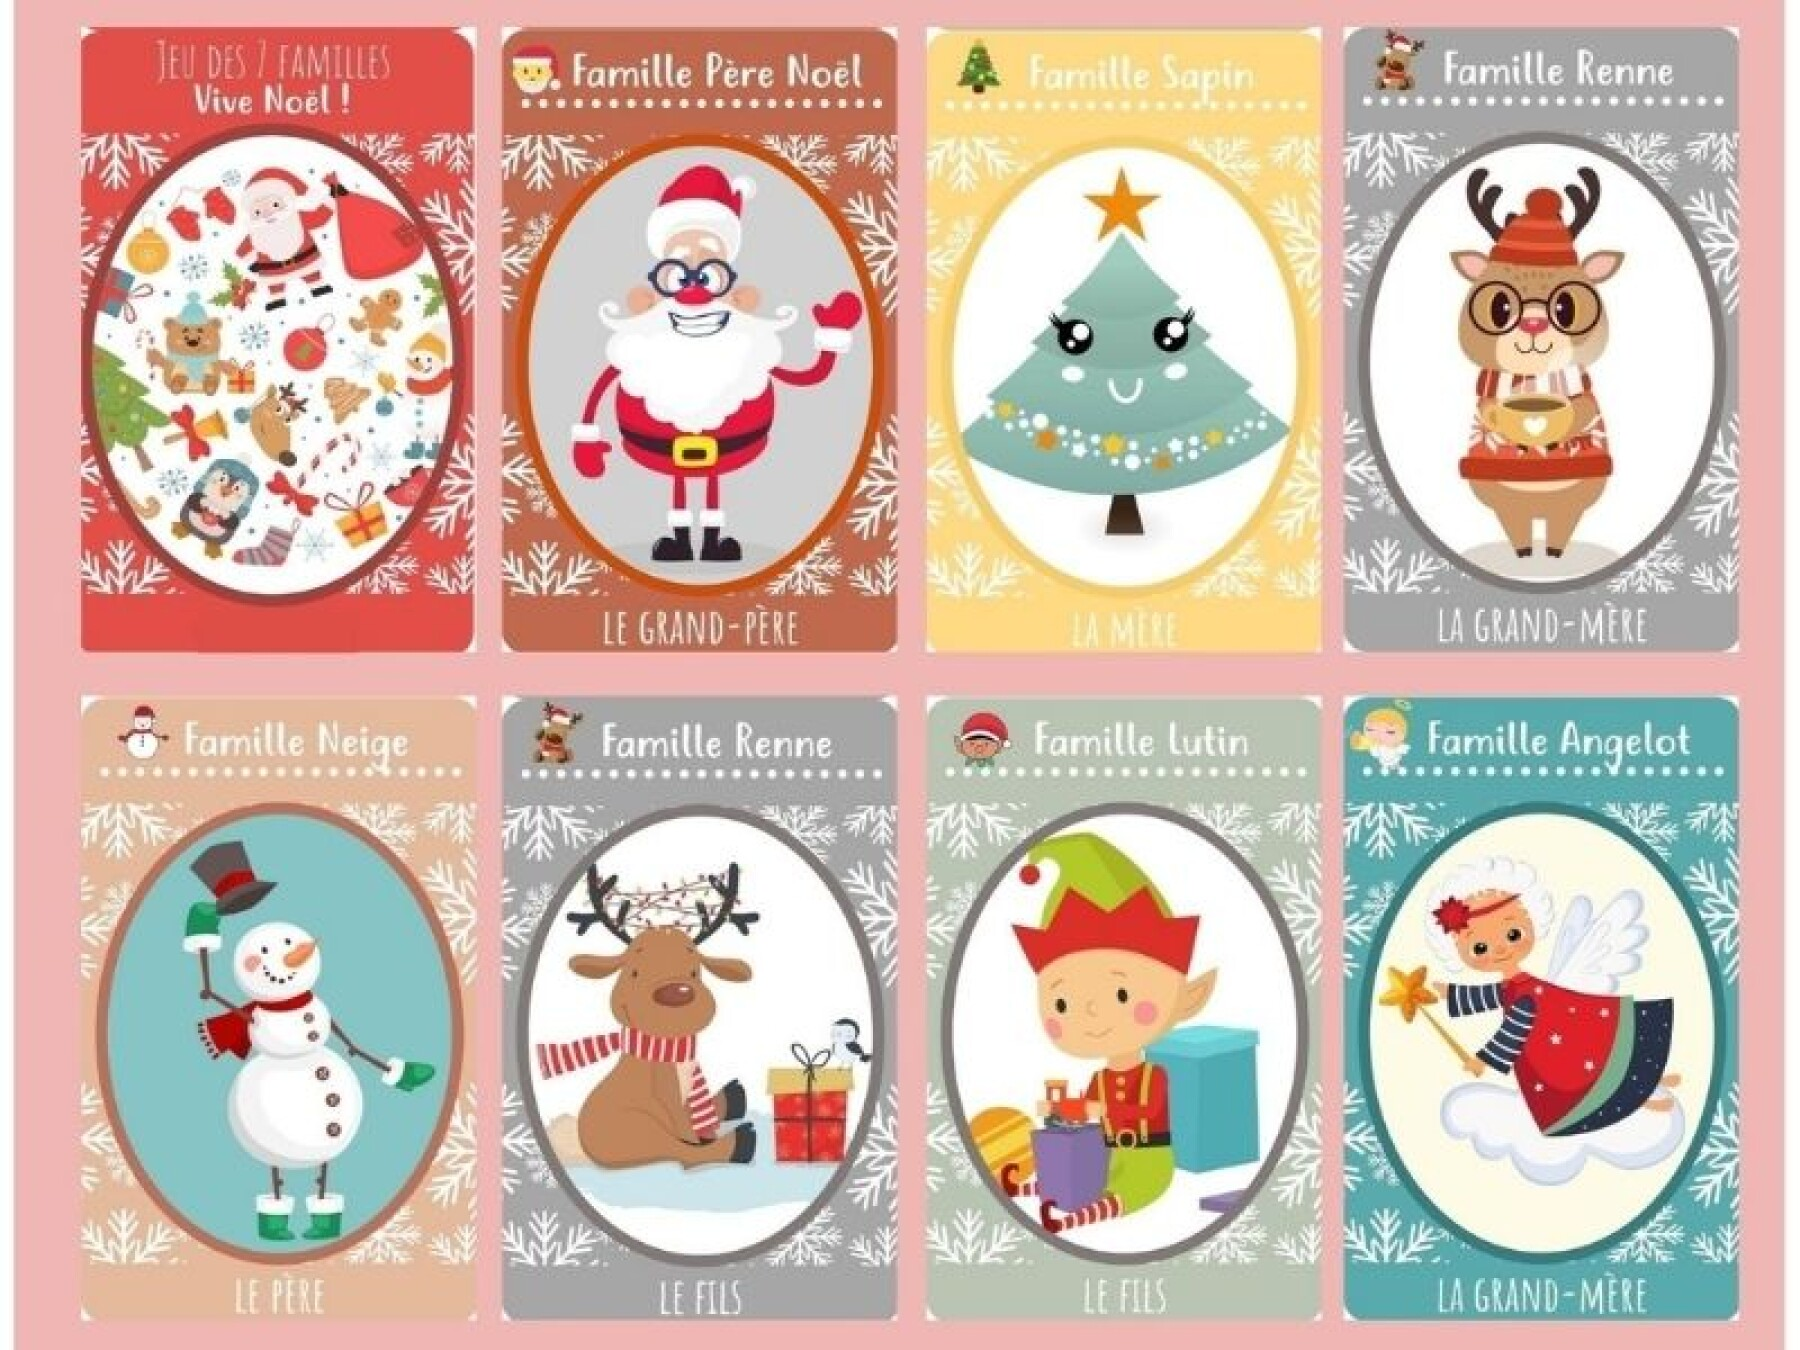 jeu des 7 familles Noël